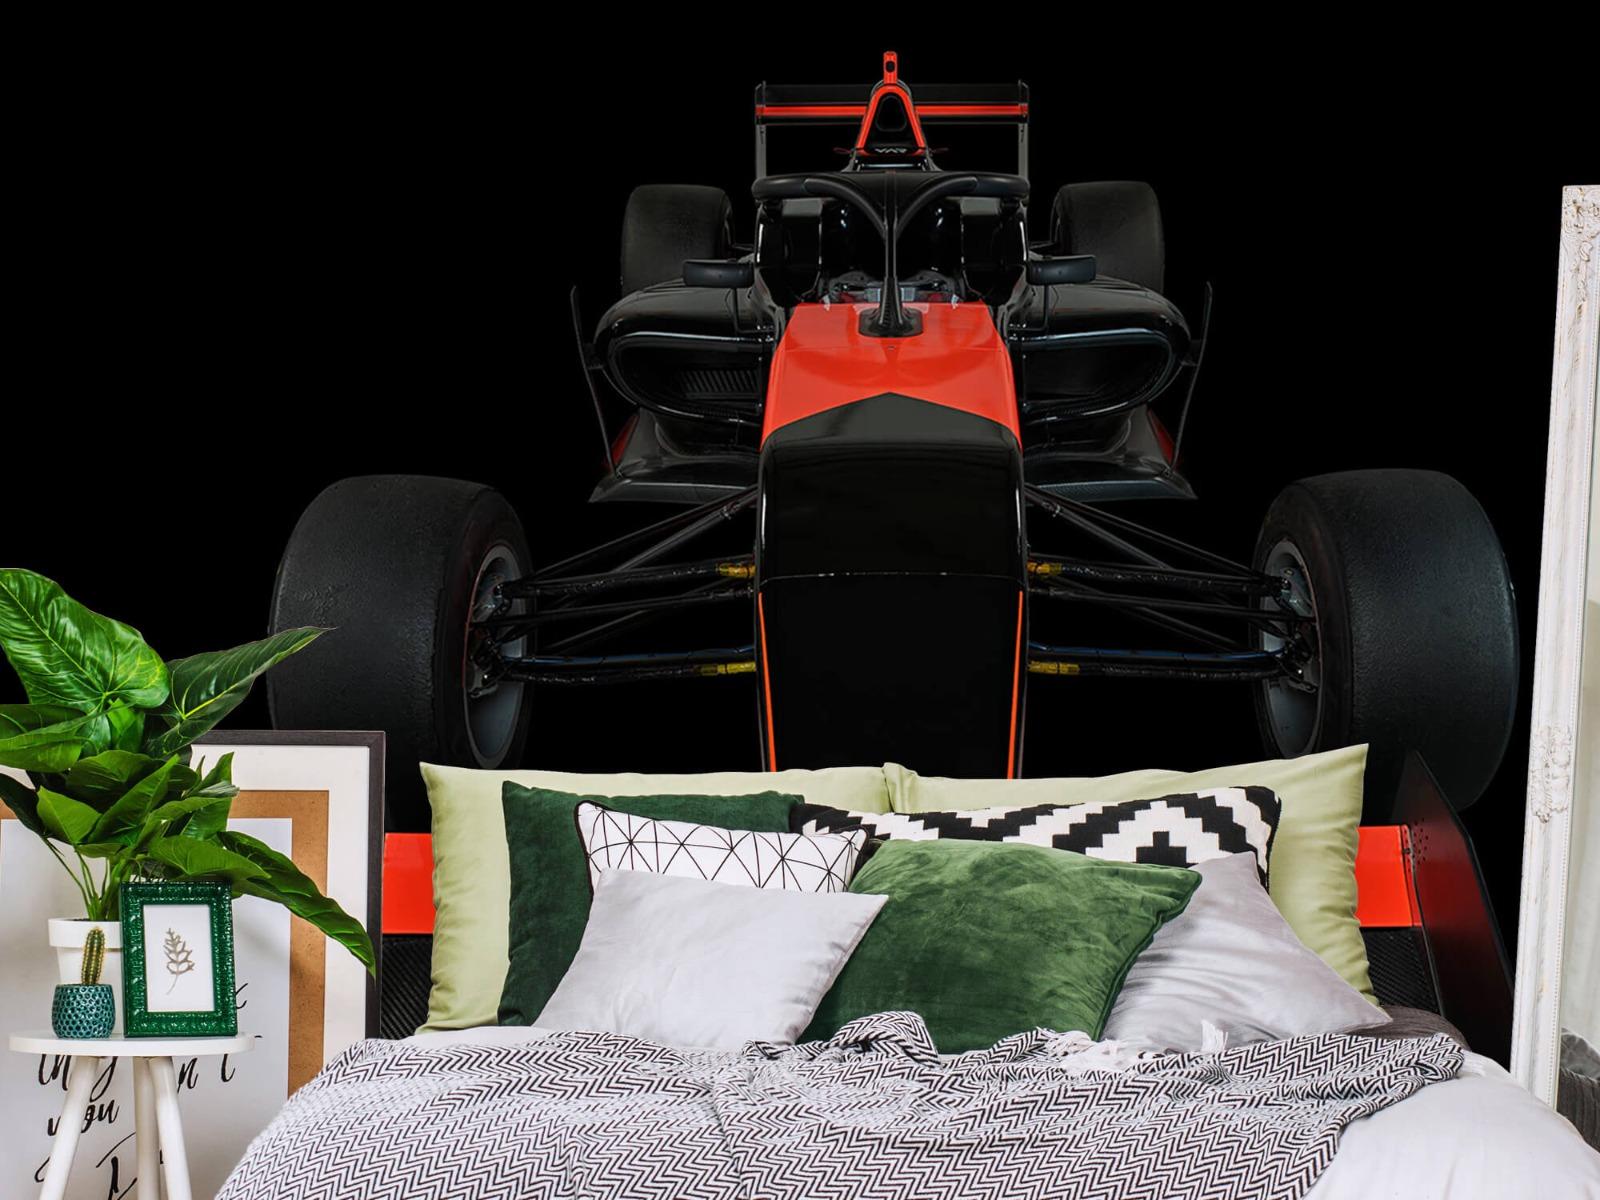 Sportauto's - Formule 3 - Front view - dark - Tienerkamer 13